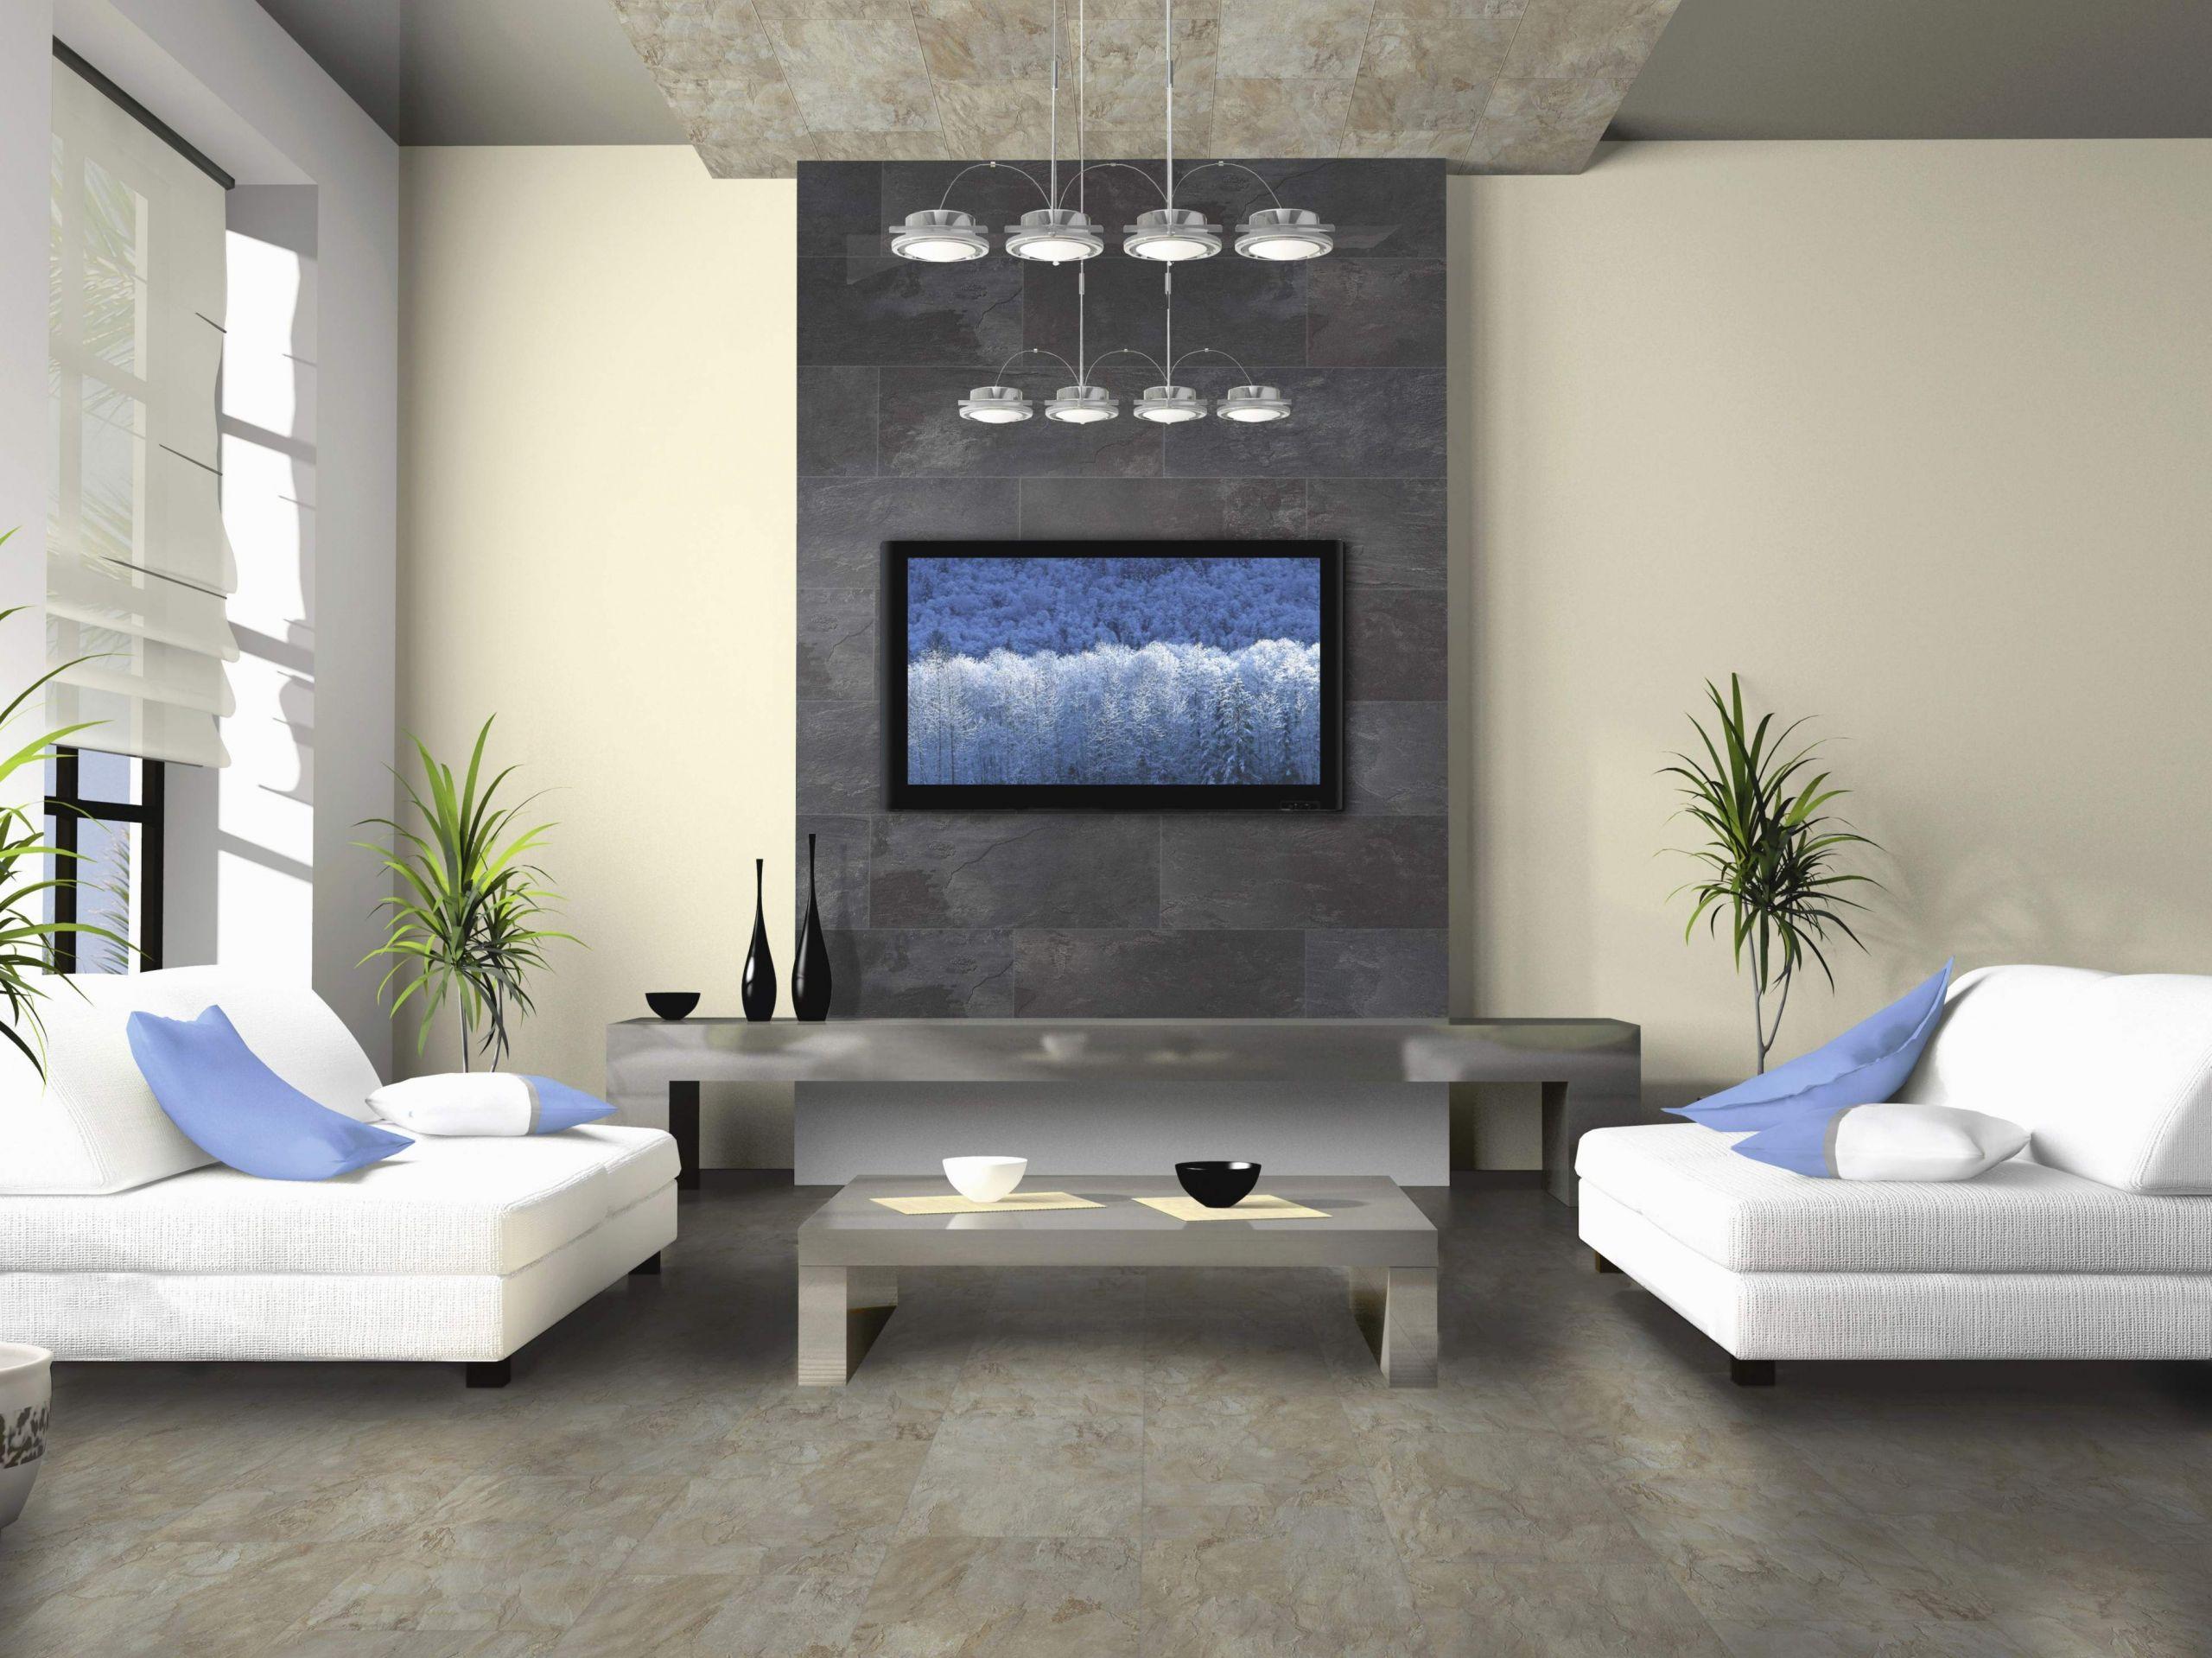 dekorationsideen wohnzimmer inspirierend deko wohnzimmer neu dekoration wohnzimmer reizend wohnzimmer of dekorationsideen wohnzimmer scaled